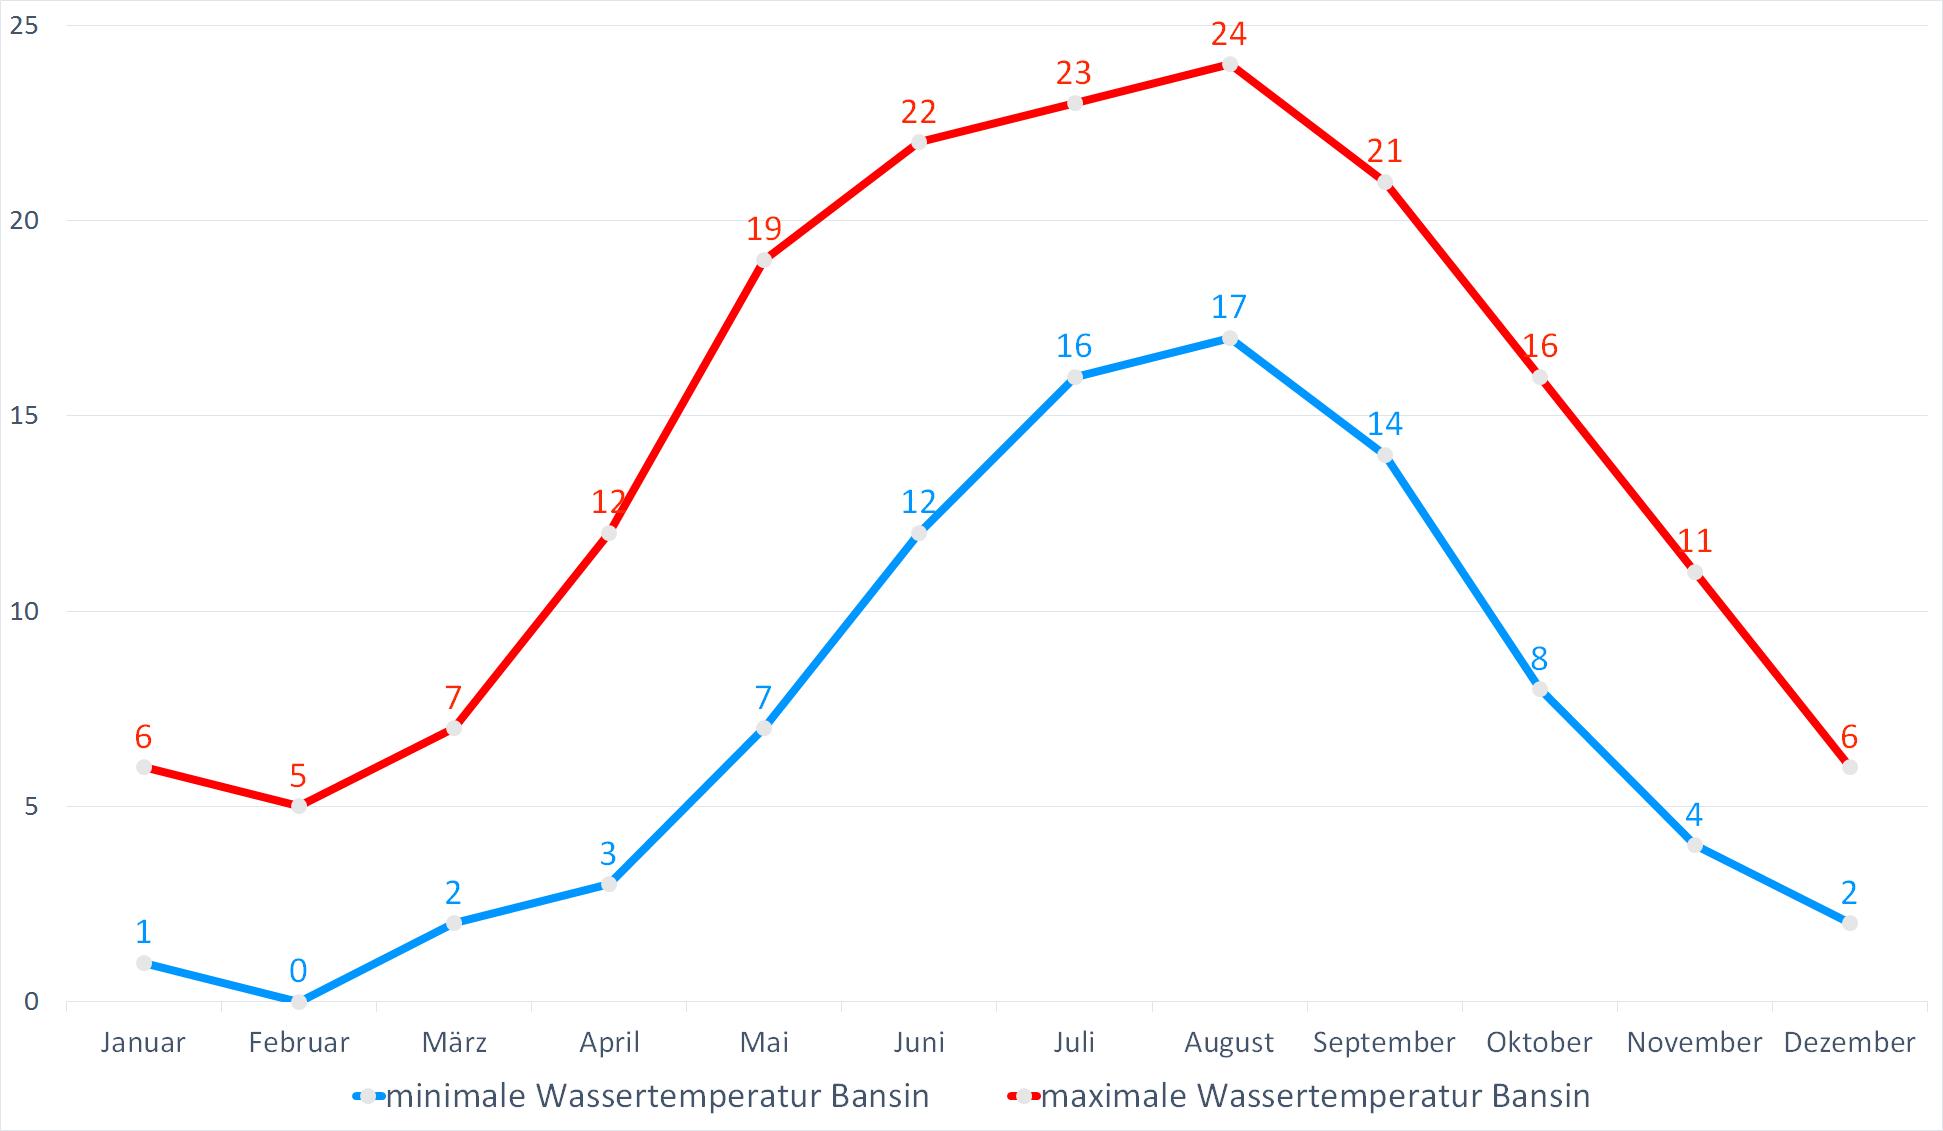 Minimale & Maximale Wassertemperaturen für Bansin im Jahresverlauf